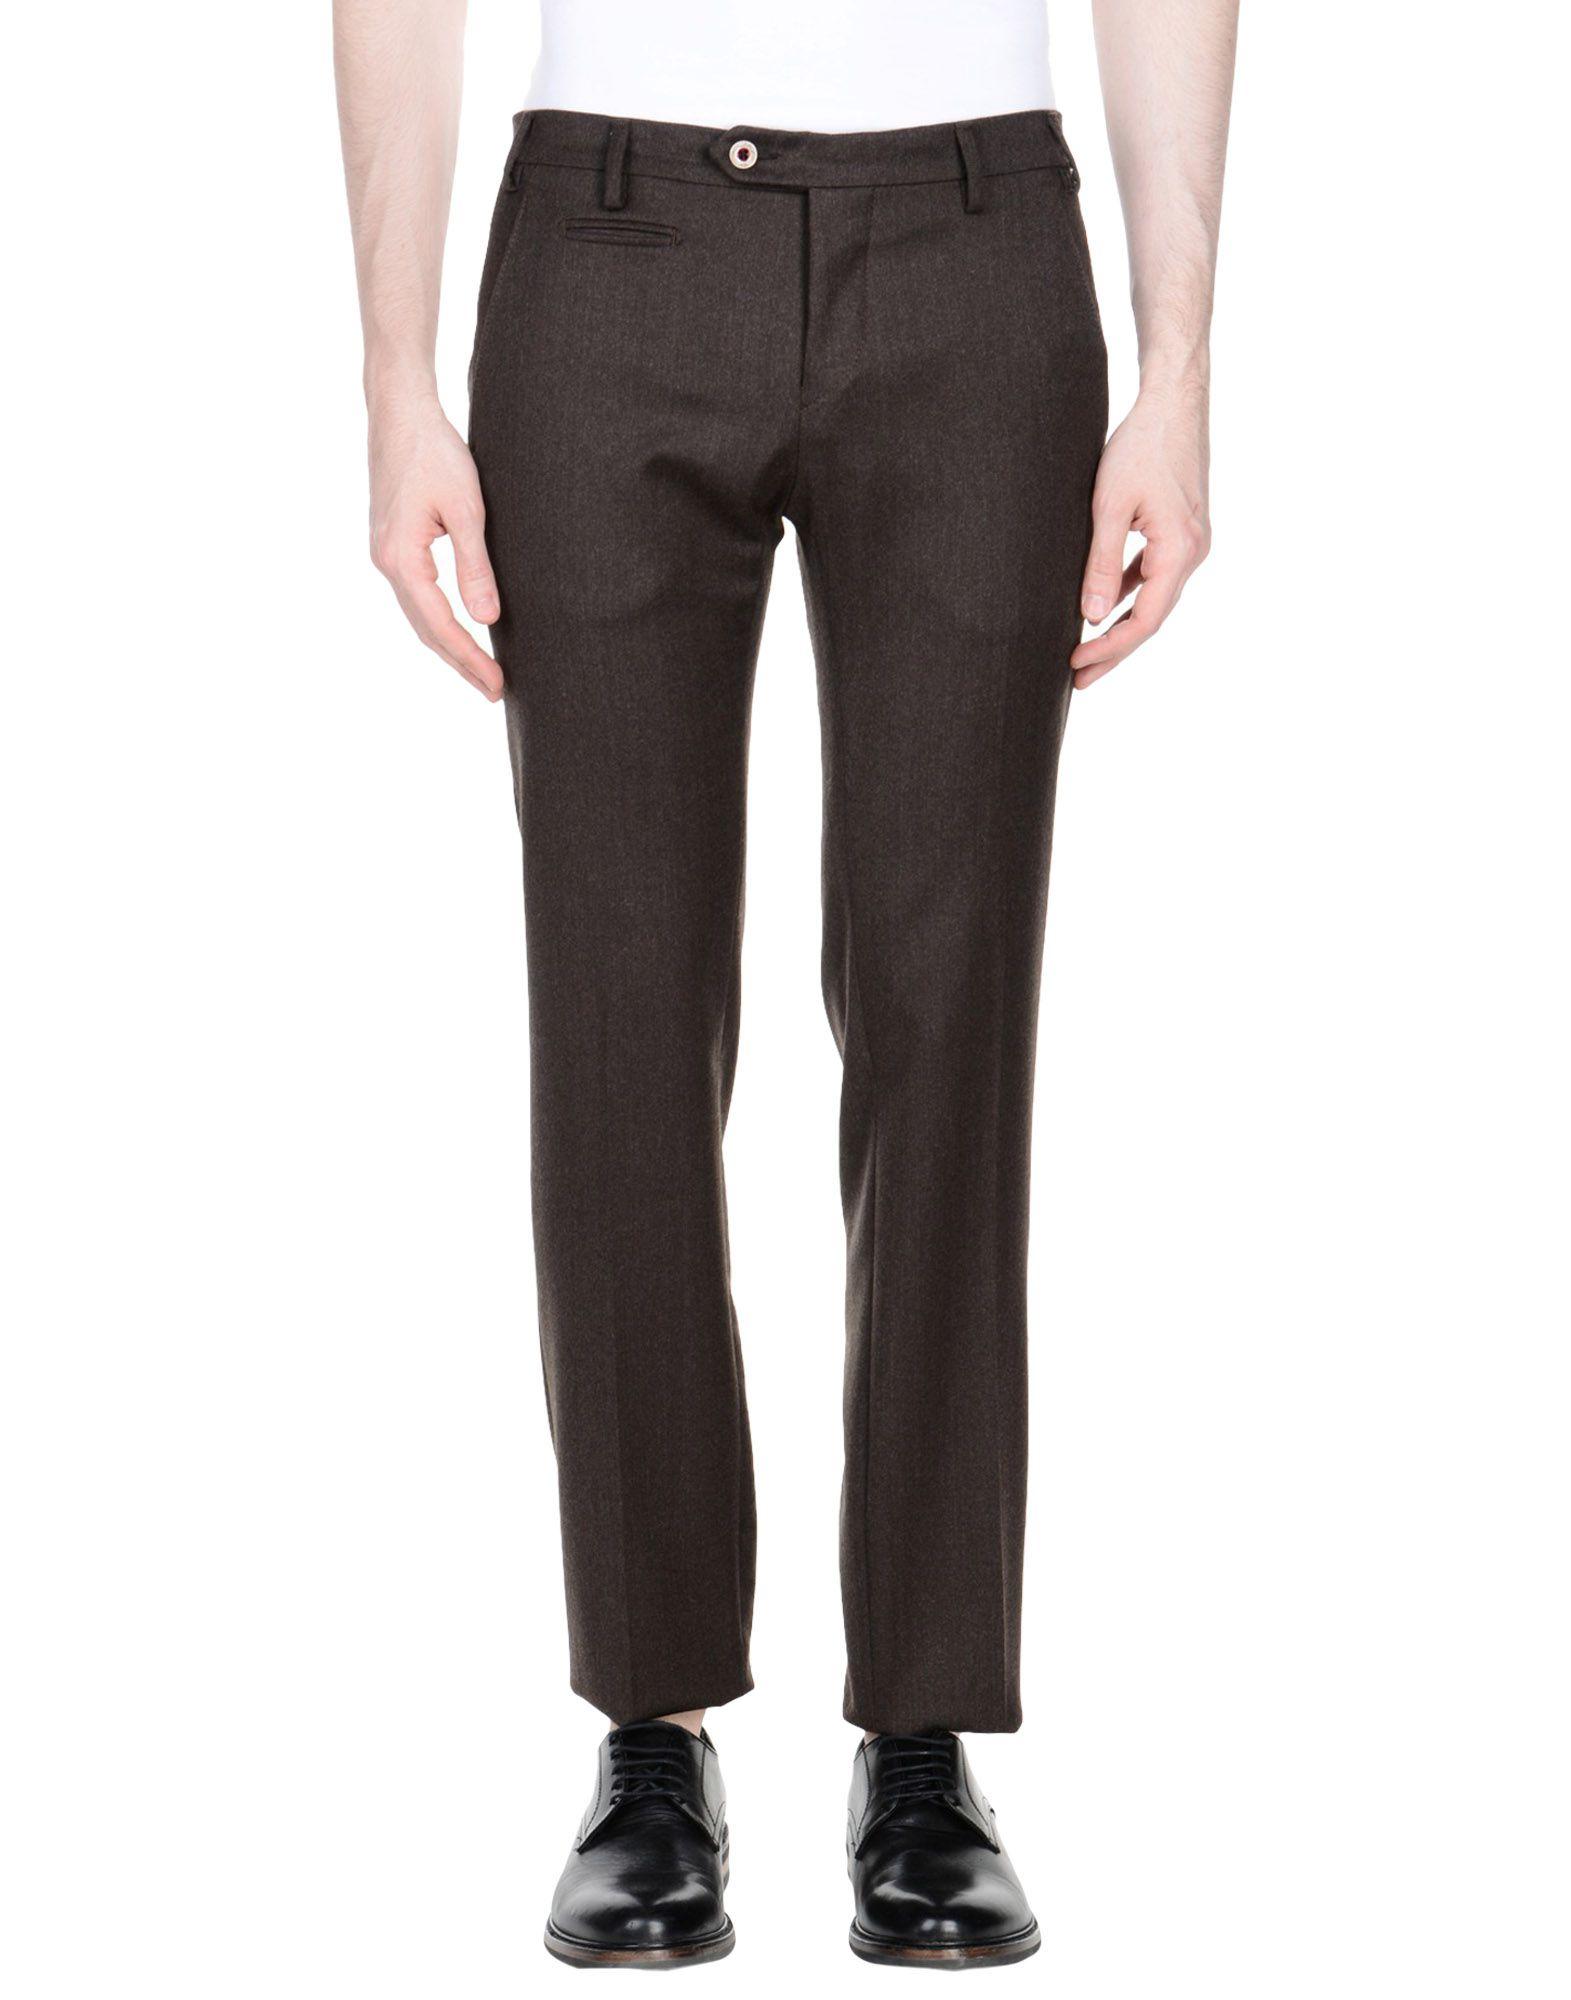 Pantalone Michael Coal Uomo - Acquista online su